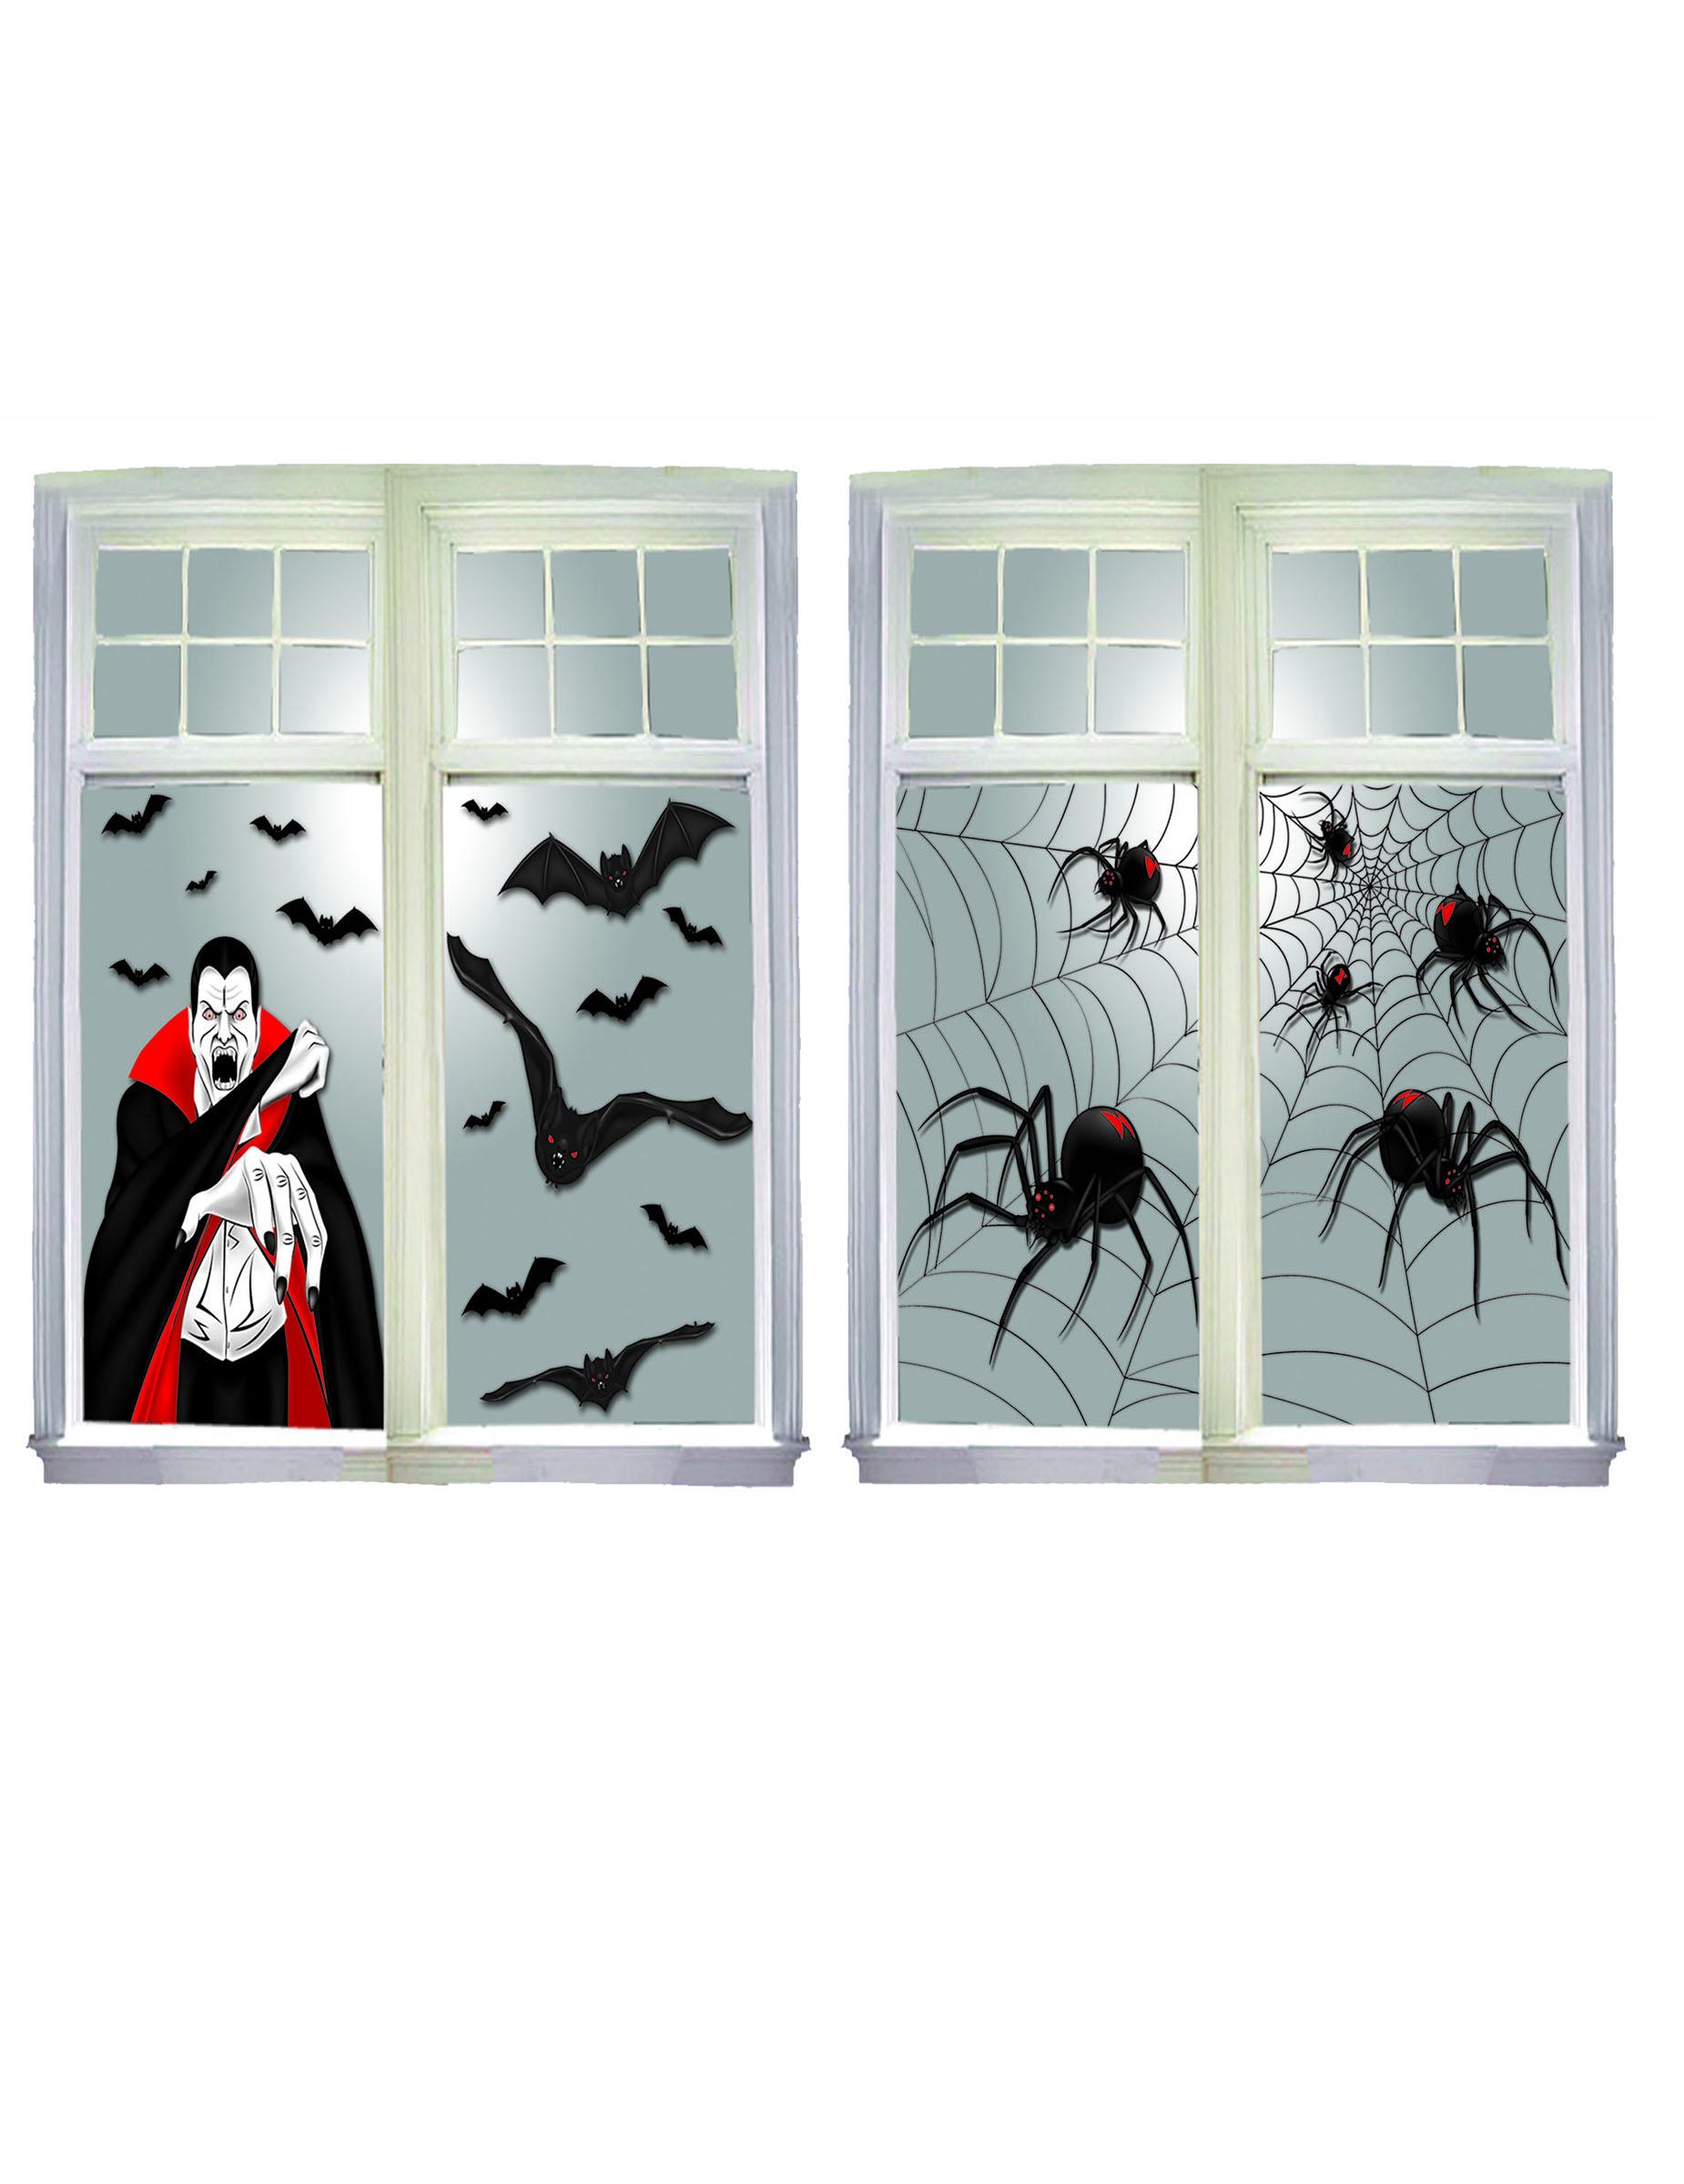 unheimliche halloween fenster dekoration 2 teilig 76 x 120. Black Bedroom Furniture Sets. Home Design Ideas